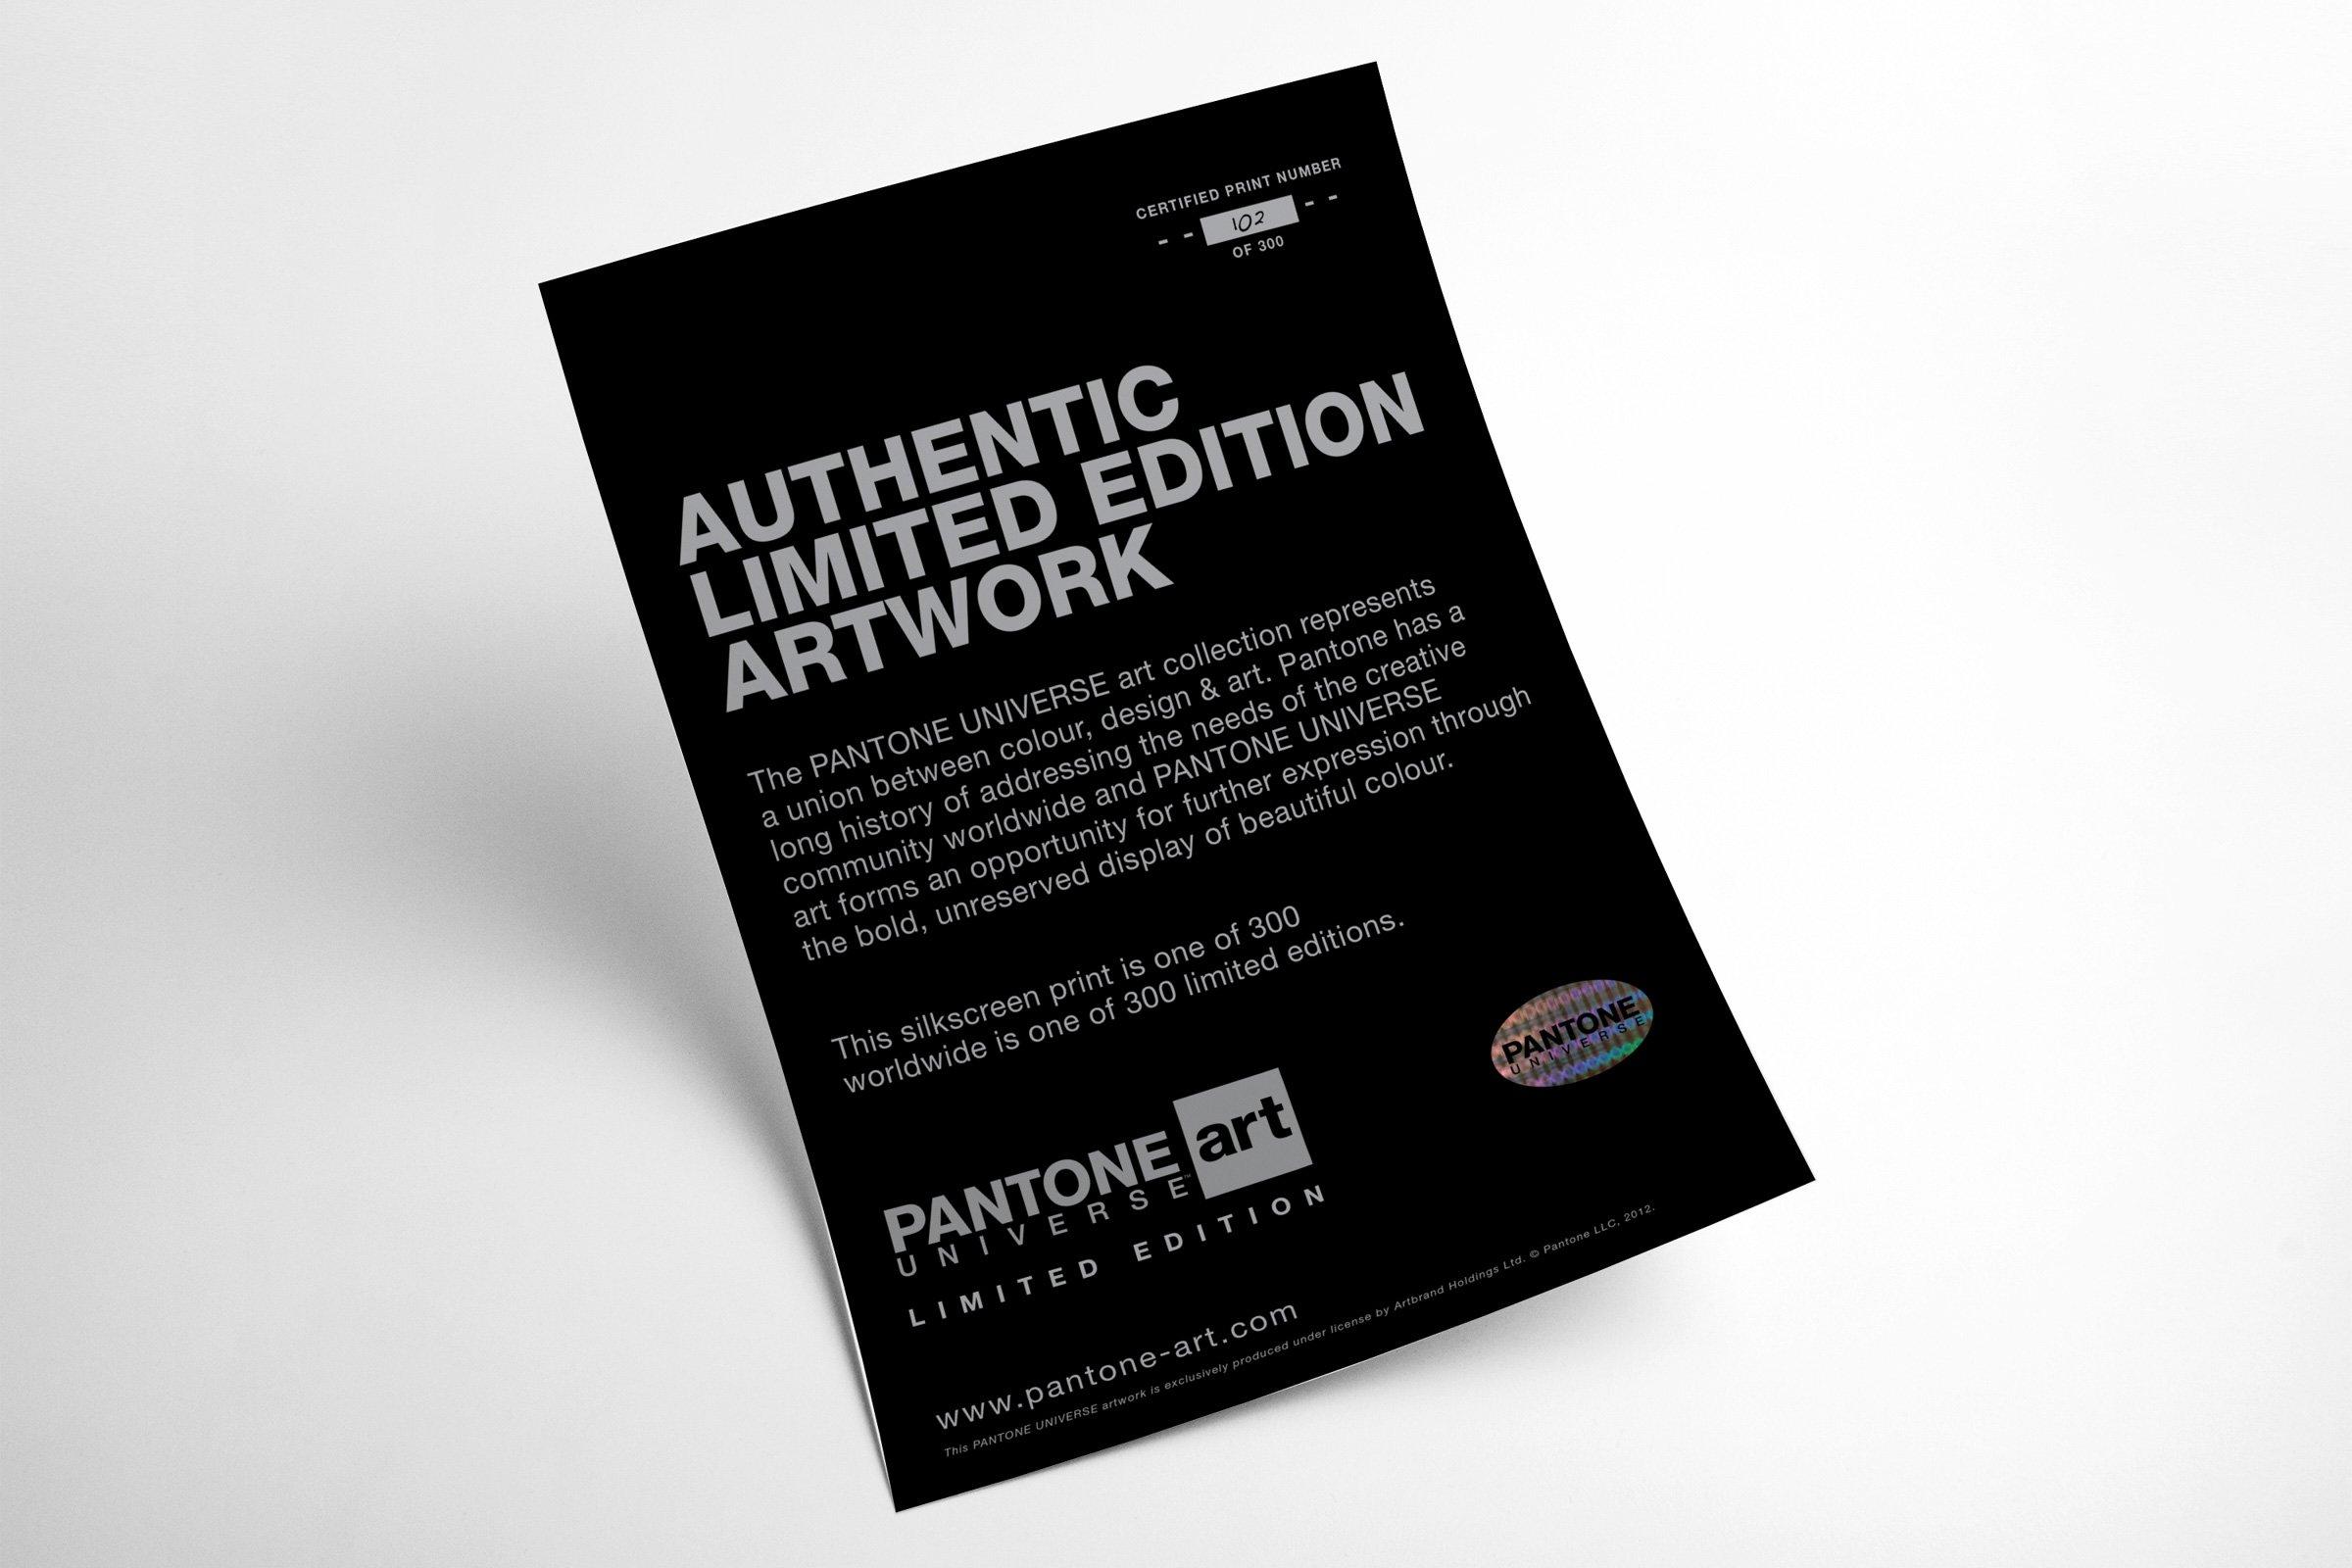 pantone-art-certificate